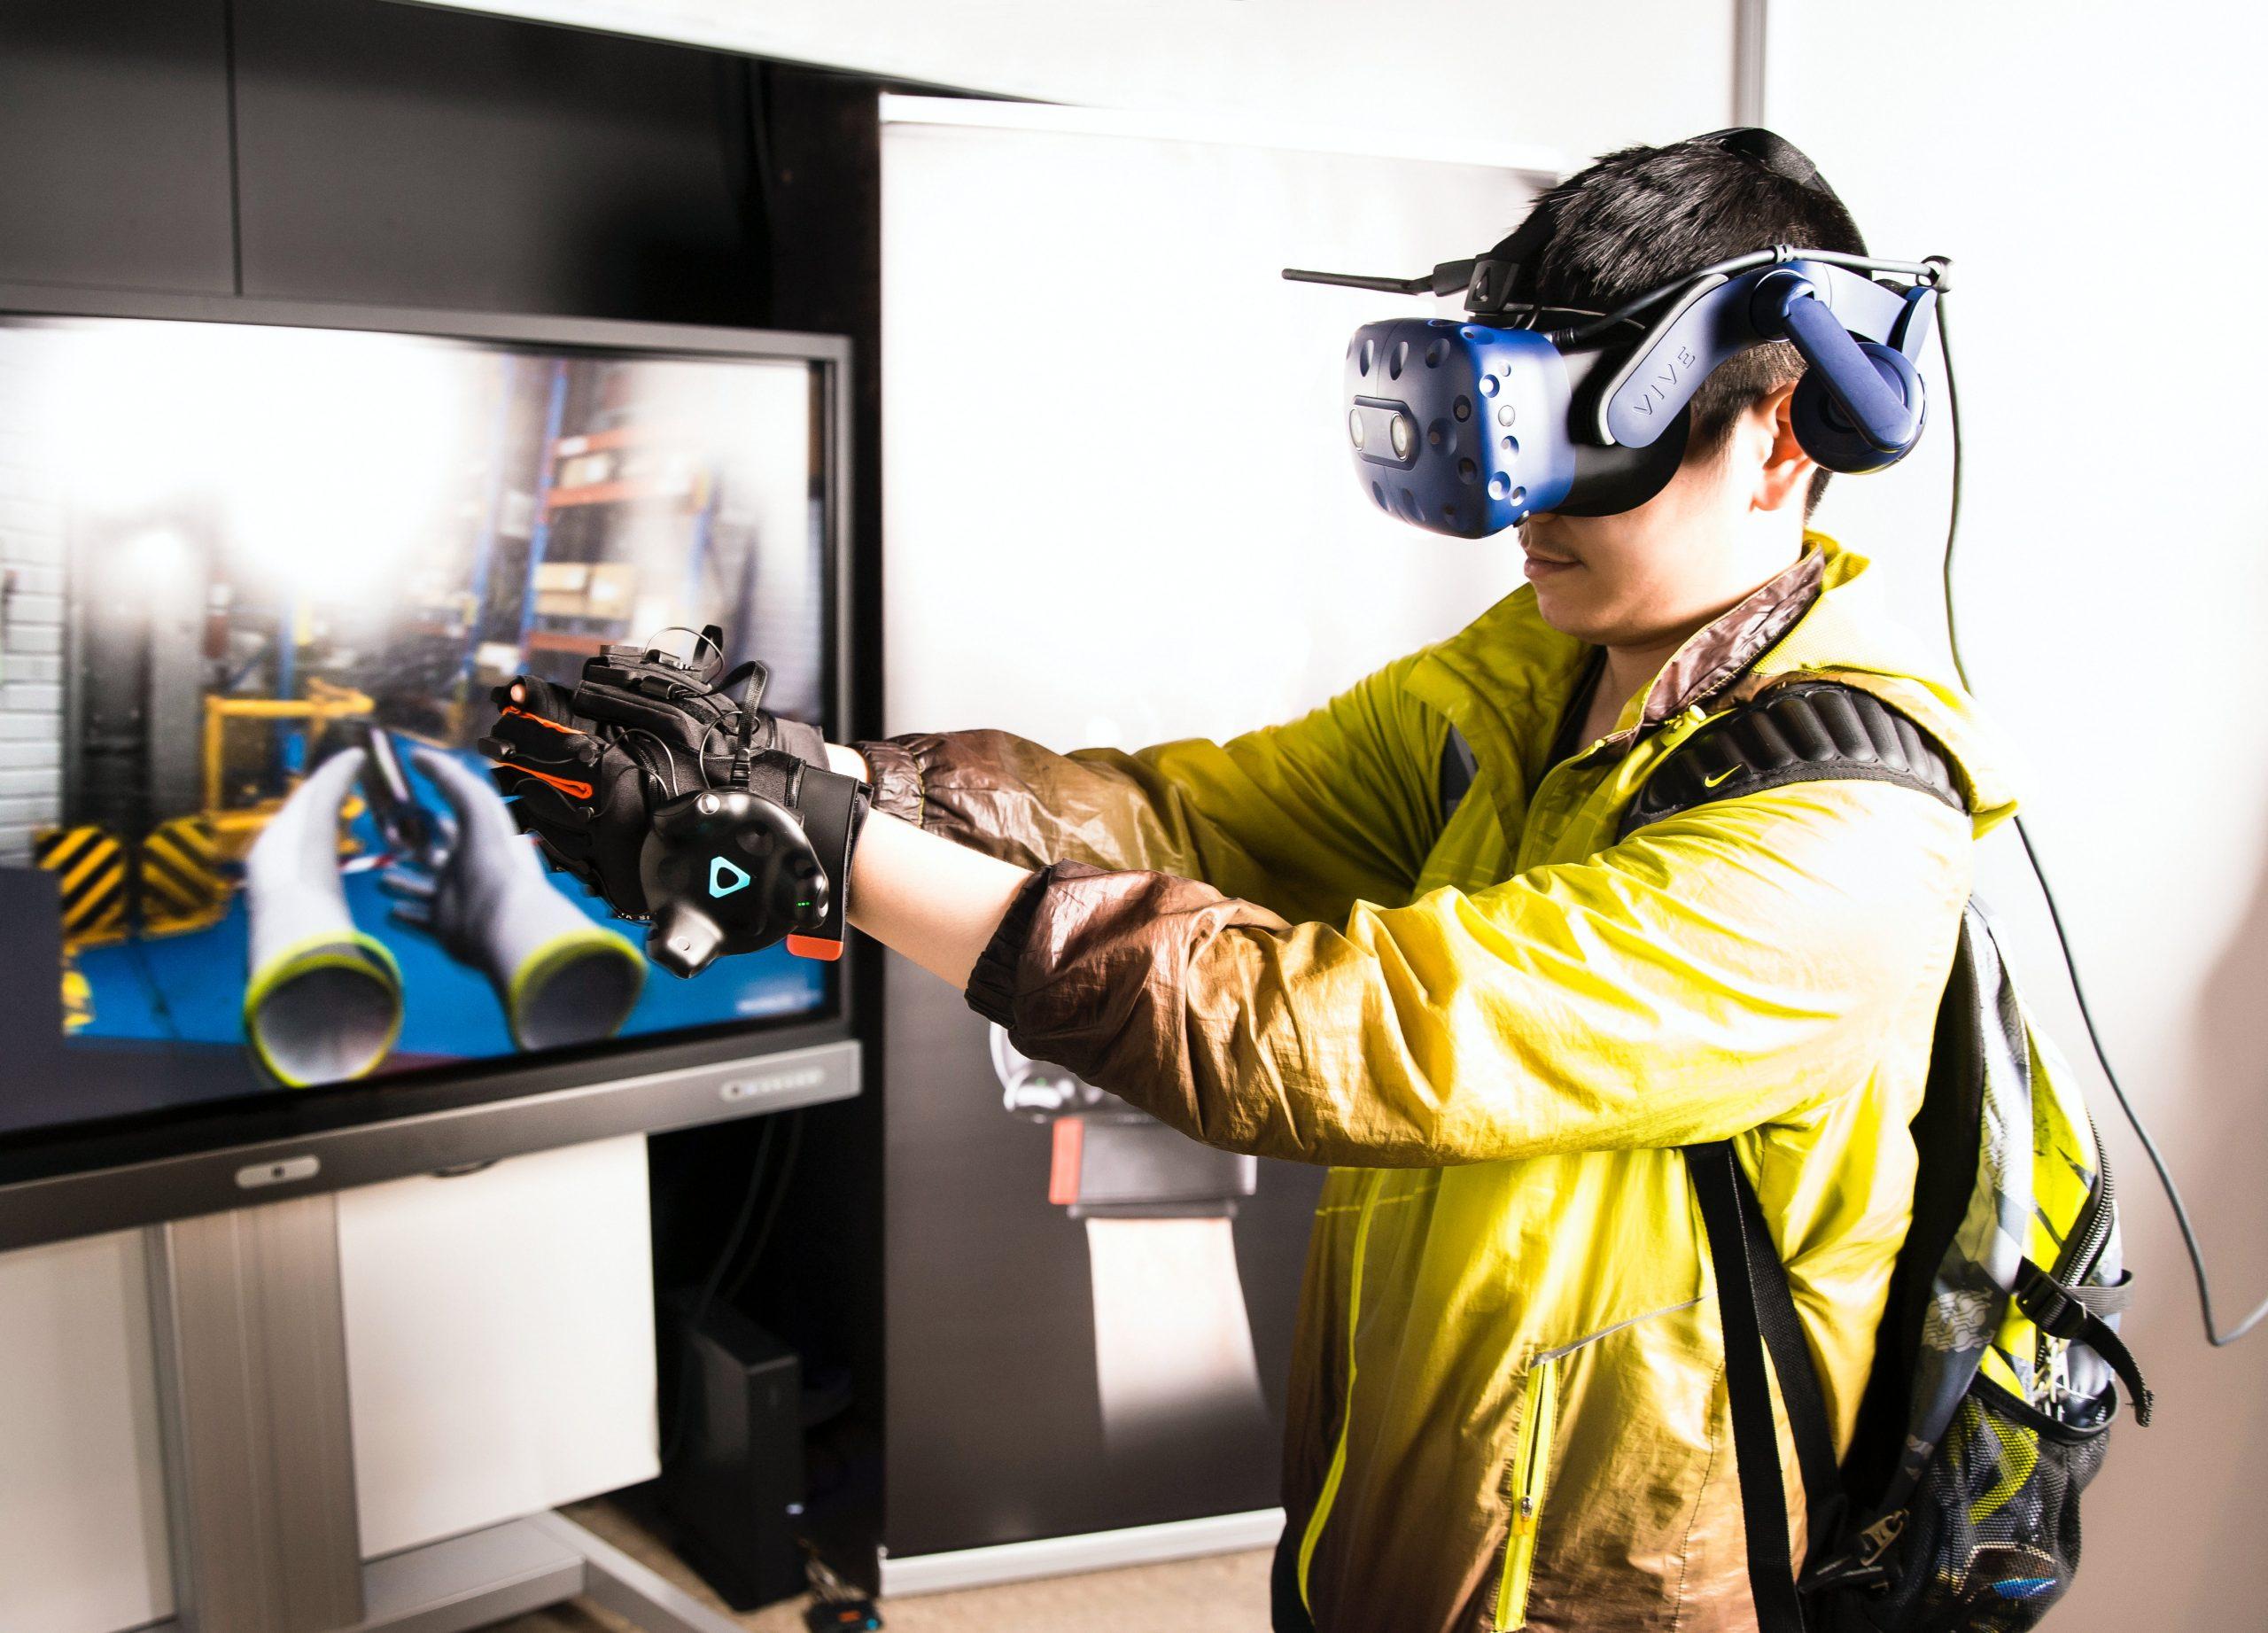 Trabalho remoto do futuro vai muito além do home office